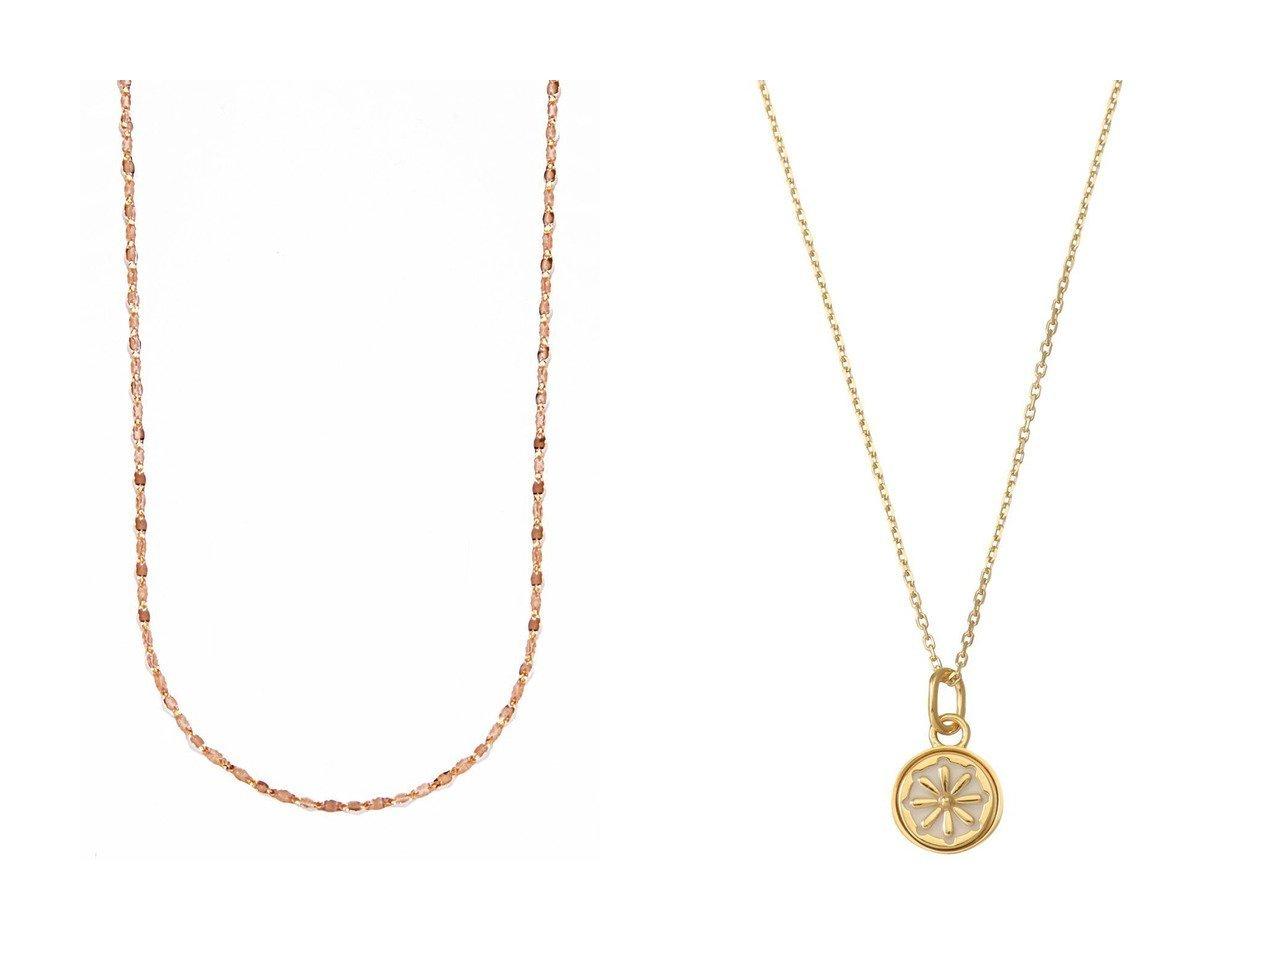 【MARIA BLACK/マリア ブラック】のJourney coin ネックレス&【les bonbon/ルボンボン】のeclair ピンクゴールドネックレス アクセサリー・ジュエリーのおすすめ!人気、レディースファッションの通販  おすすめで人気のファッション通販商品 インテリア・家具・キッズファッション・メンズファッション・レディースファッション・服の通販 founy(ファニー) https://founy.com/ ファッション Fashion レディース WOMEN ジュエリー Jewelry ネックレス Necklaces シンプル チェーン ドレス ネックレス フェミニン ベーシック |ID:crp329100000003799